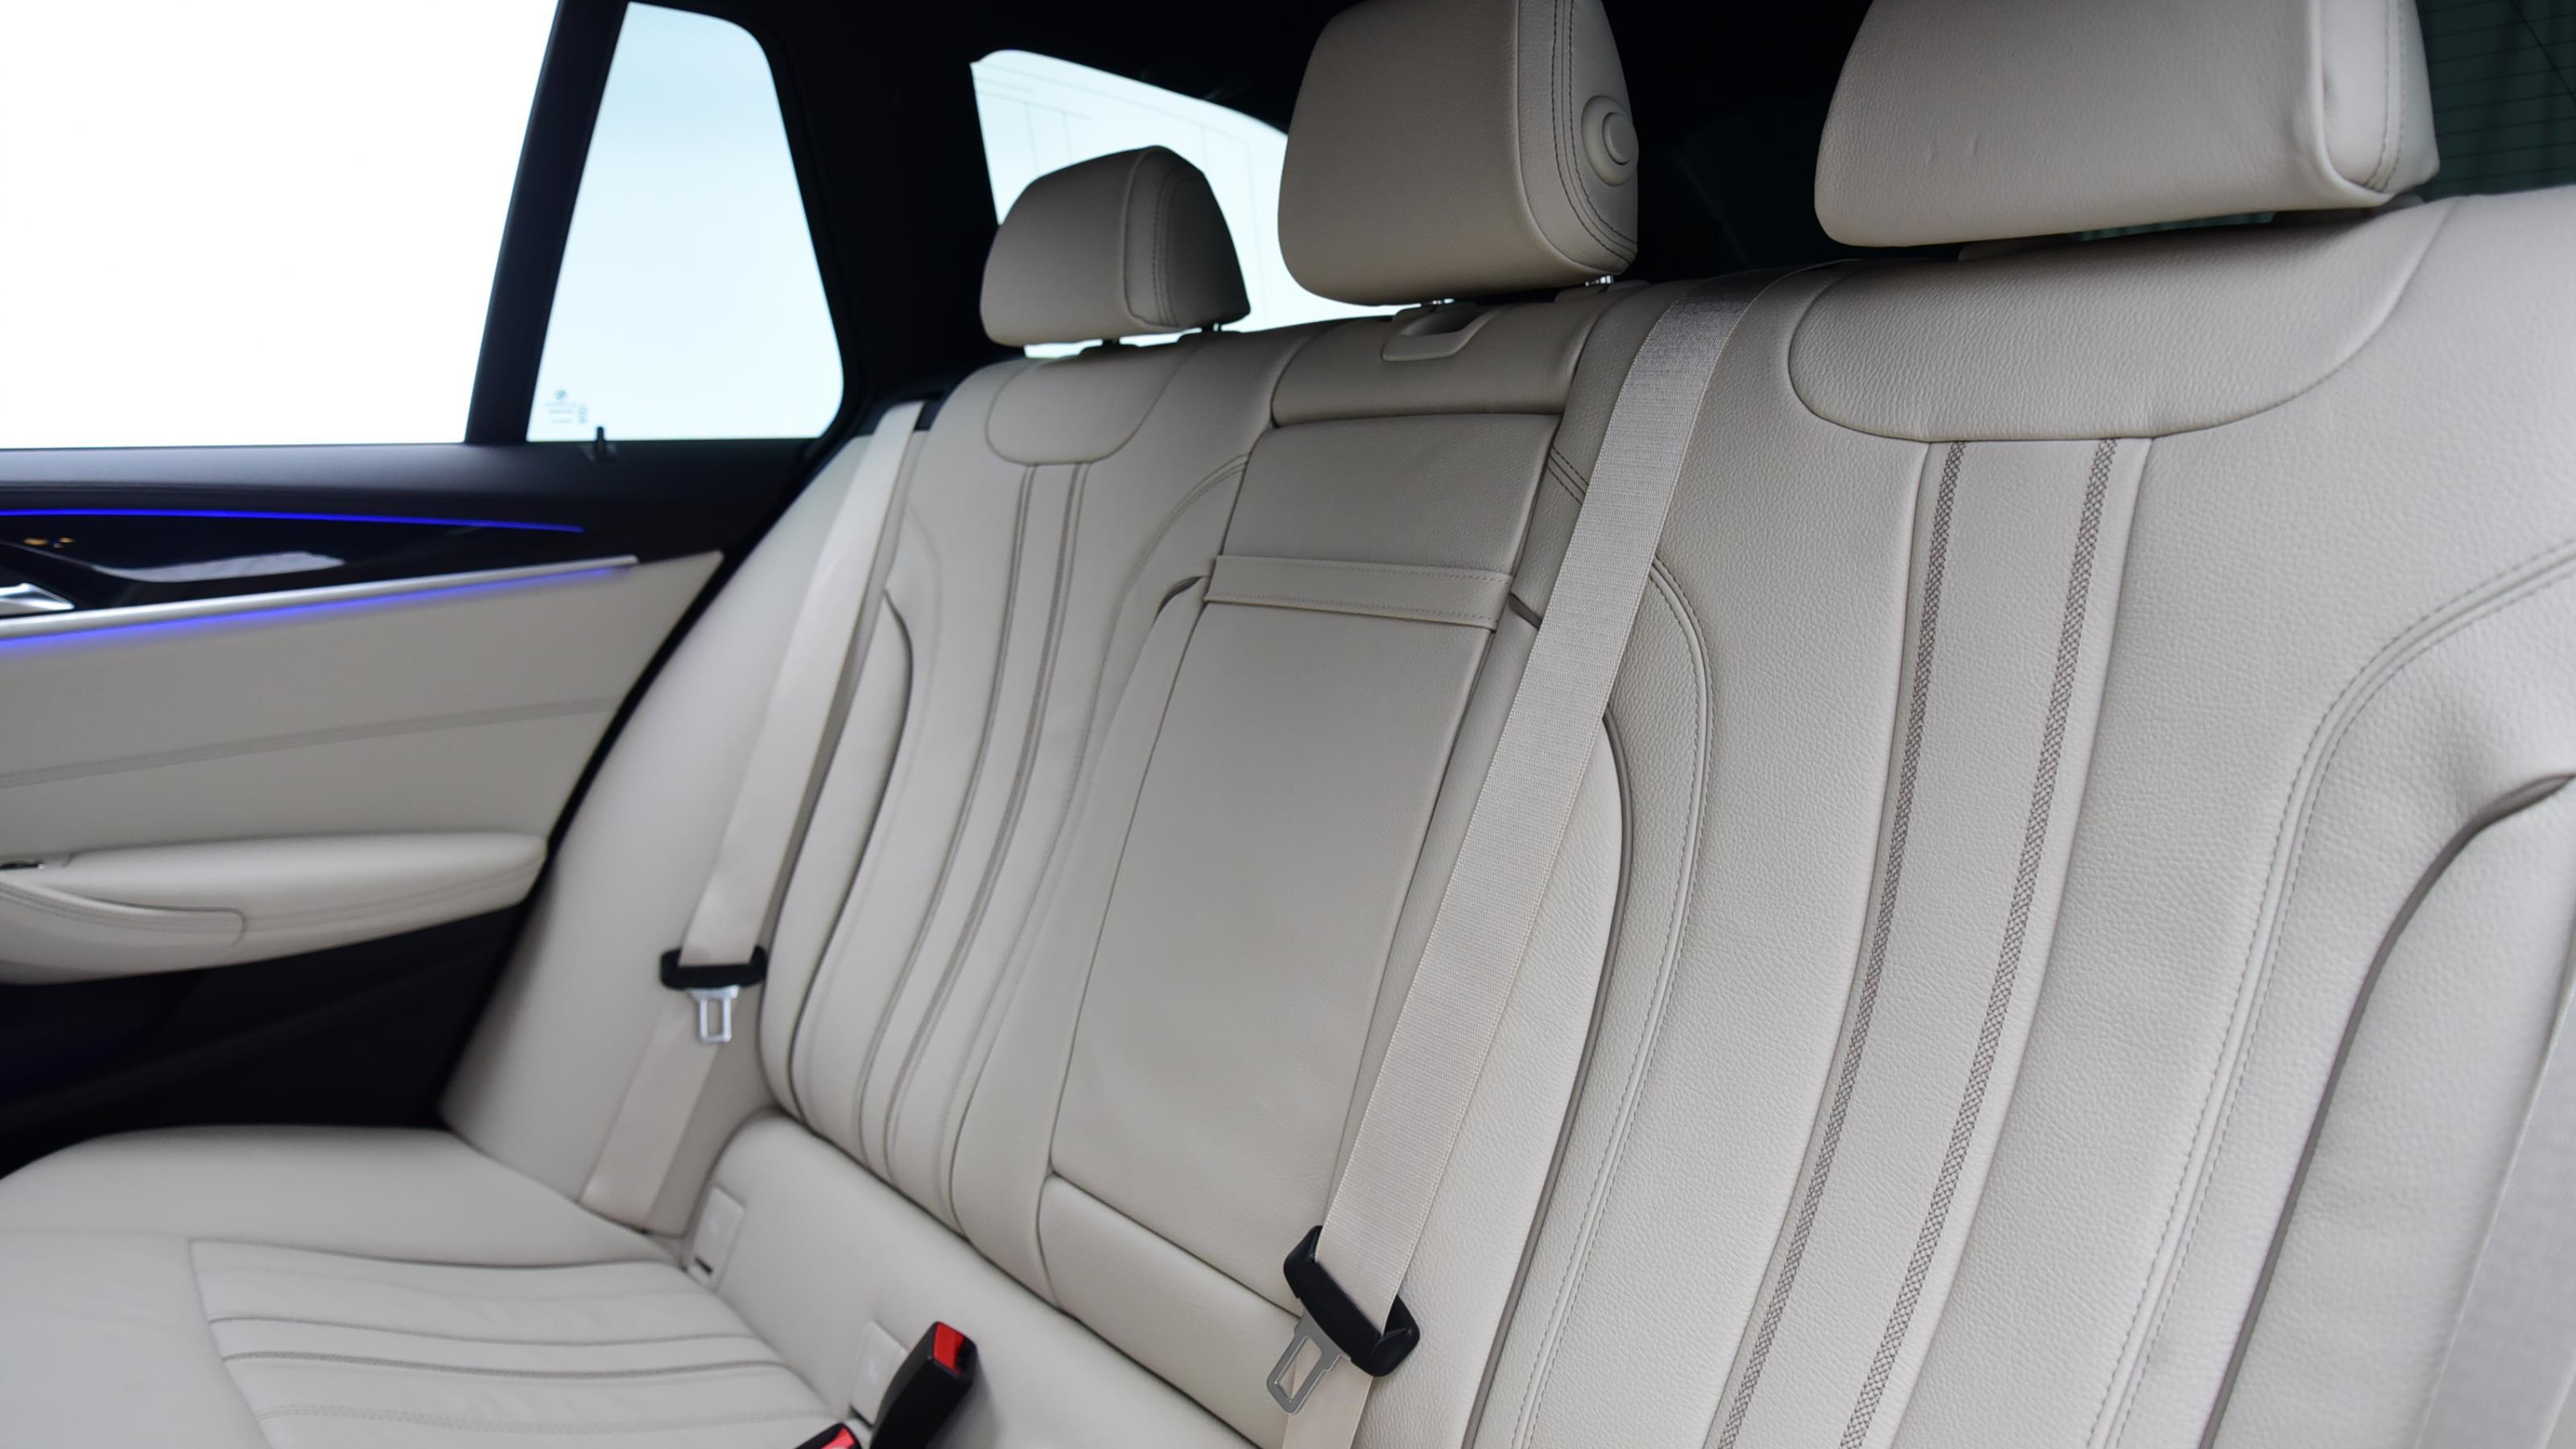 Used ~ BMW 5 SERIES Xdrive M Sport Auto ~ at Saxton4x4